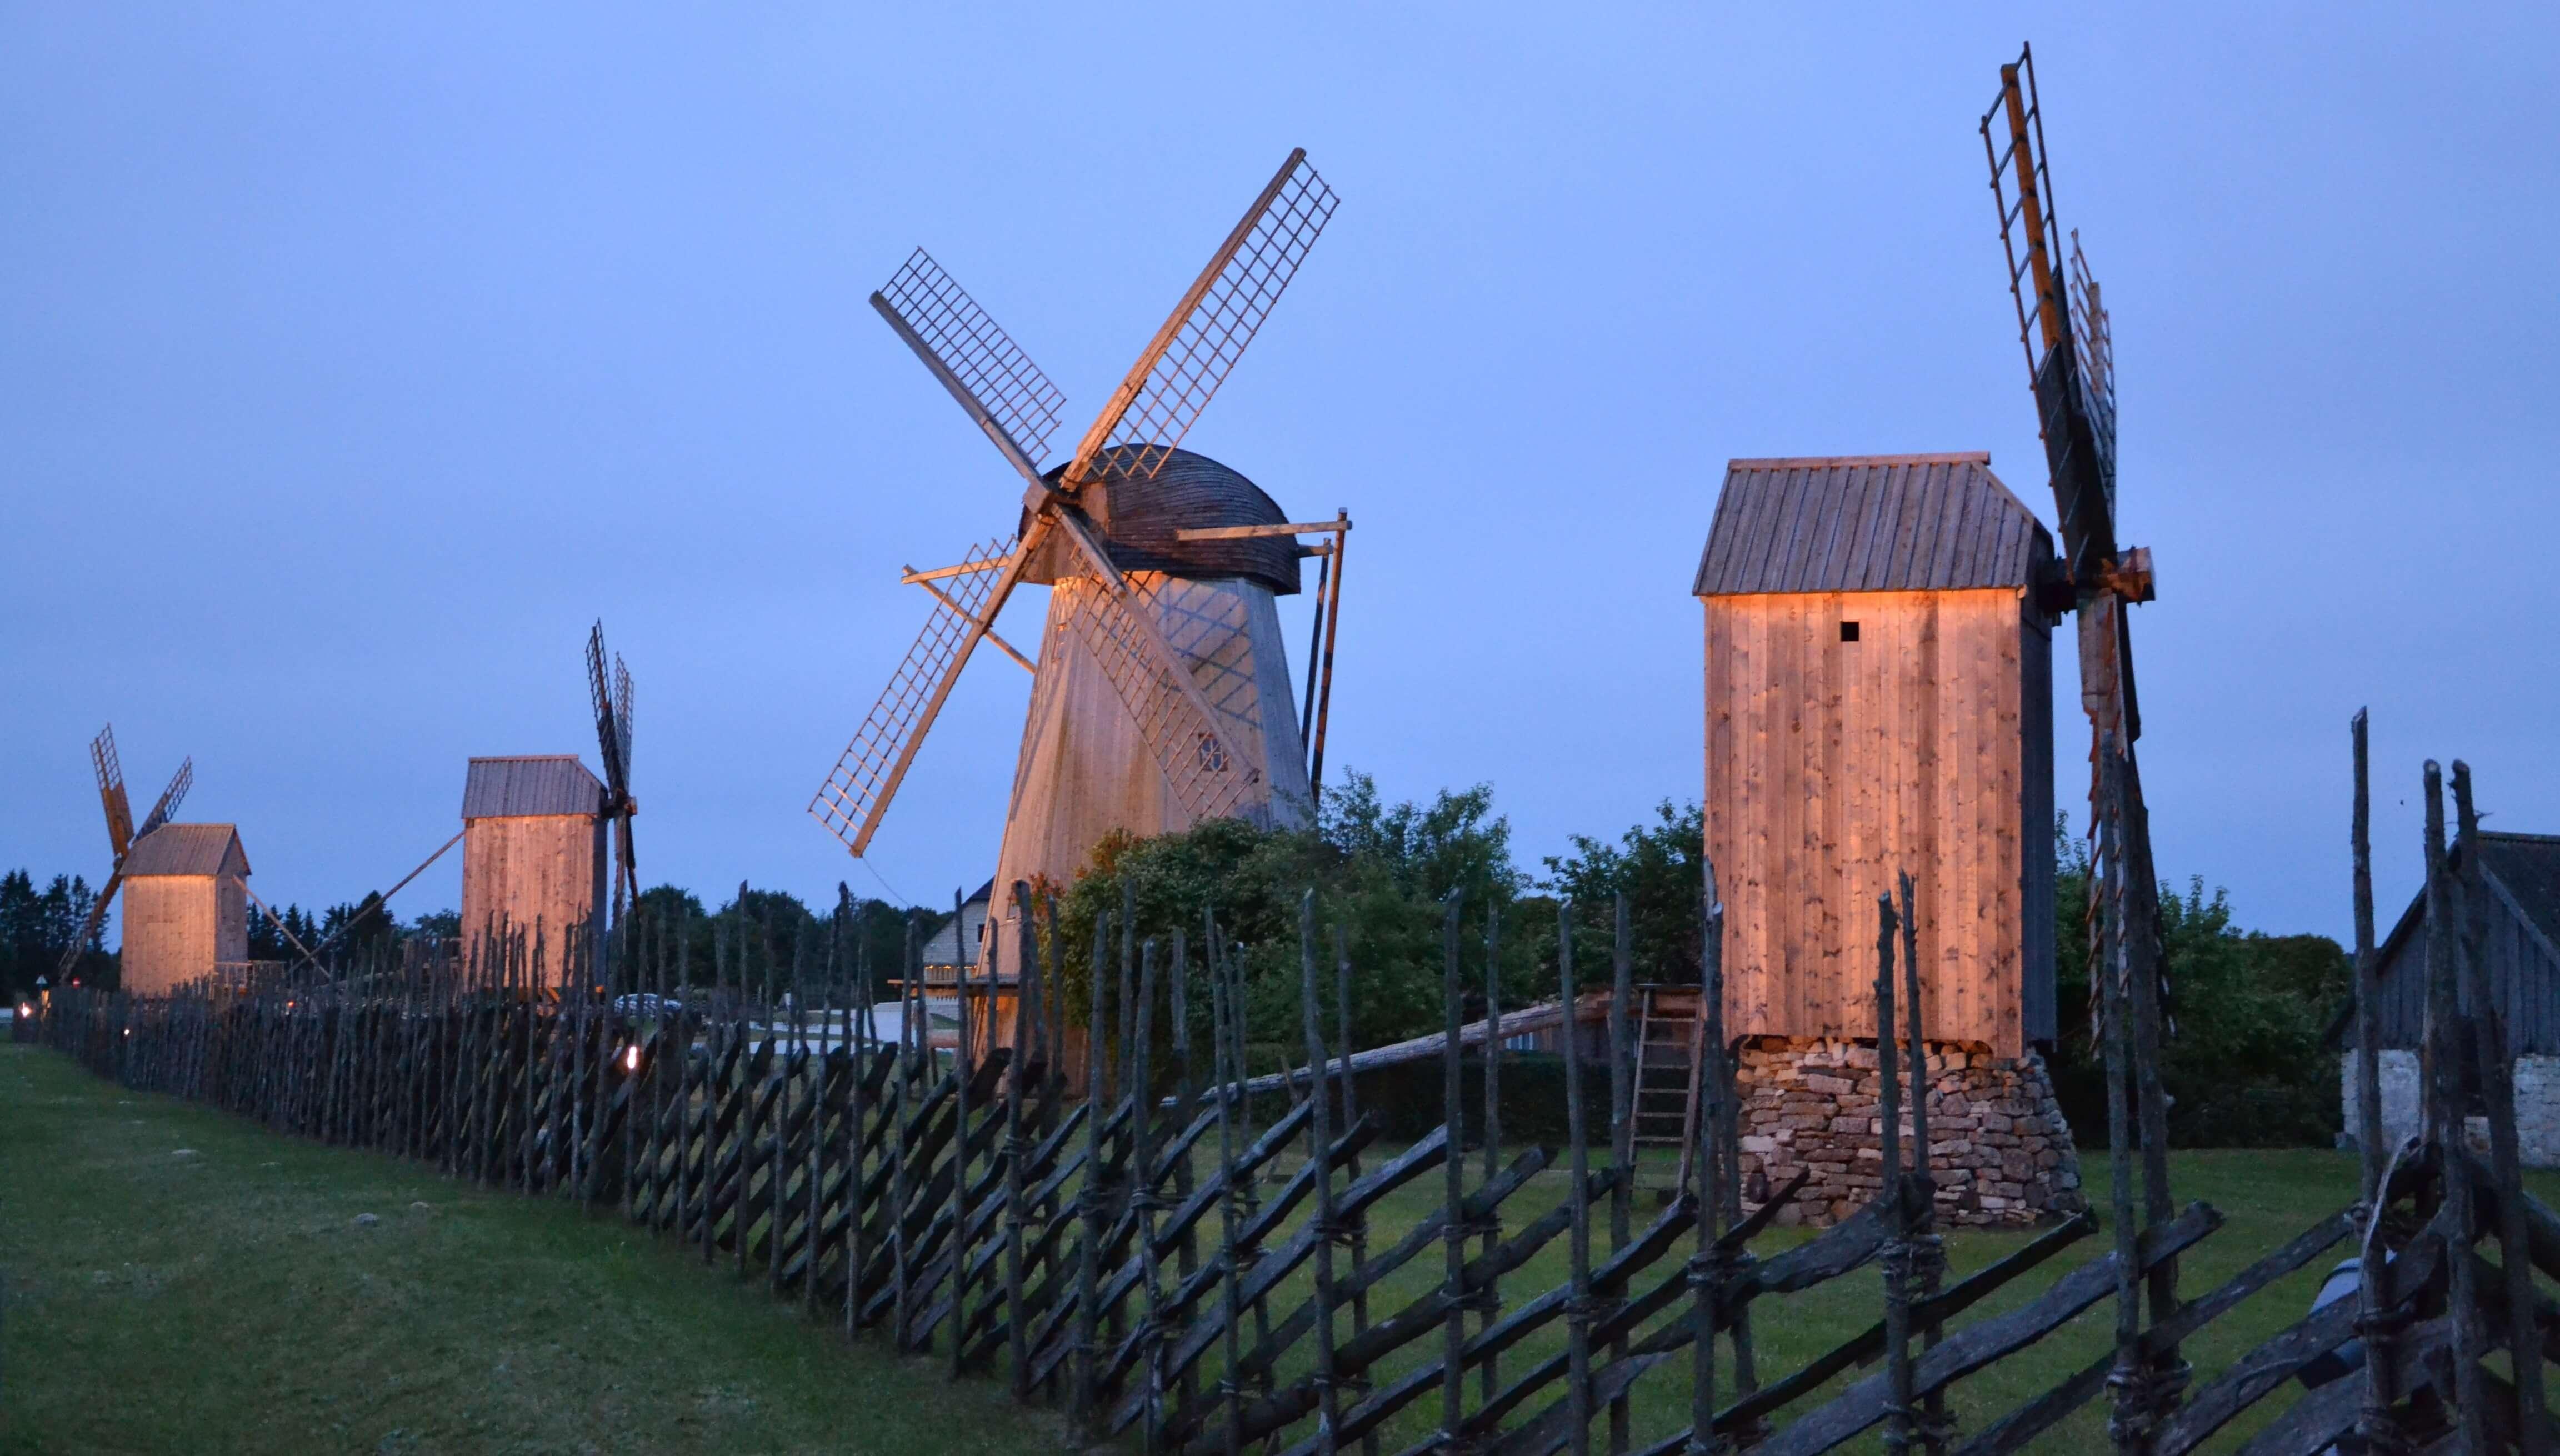 Angla tuulikumägi on üks peatuspunkt ümbermaailmareisile saaremaale